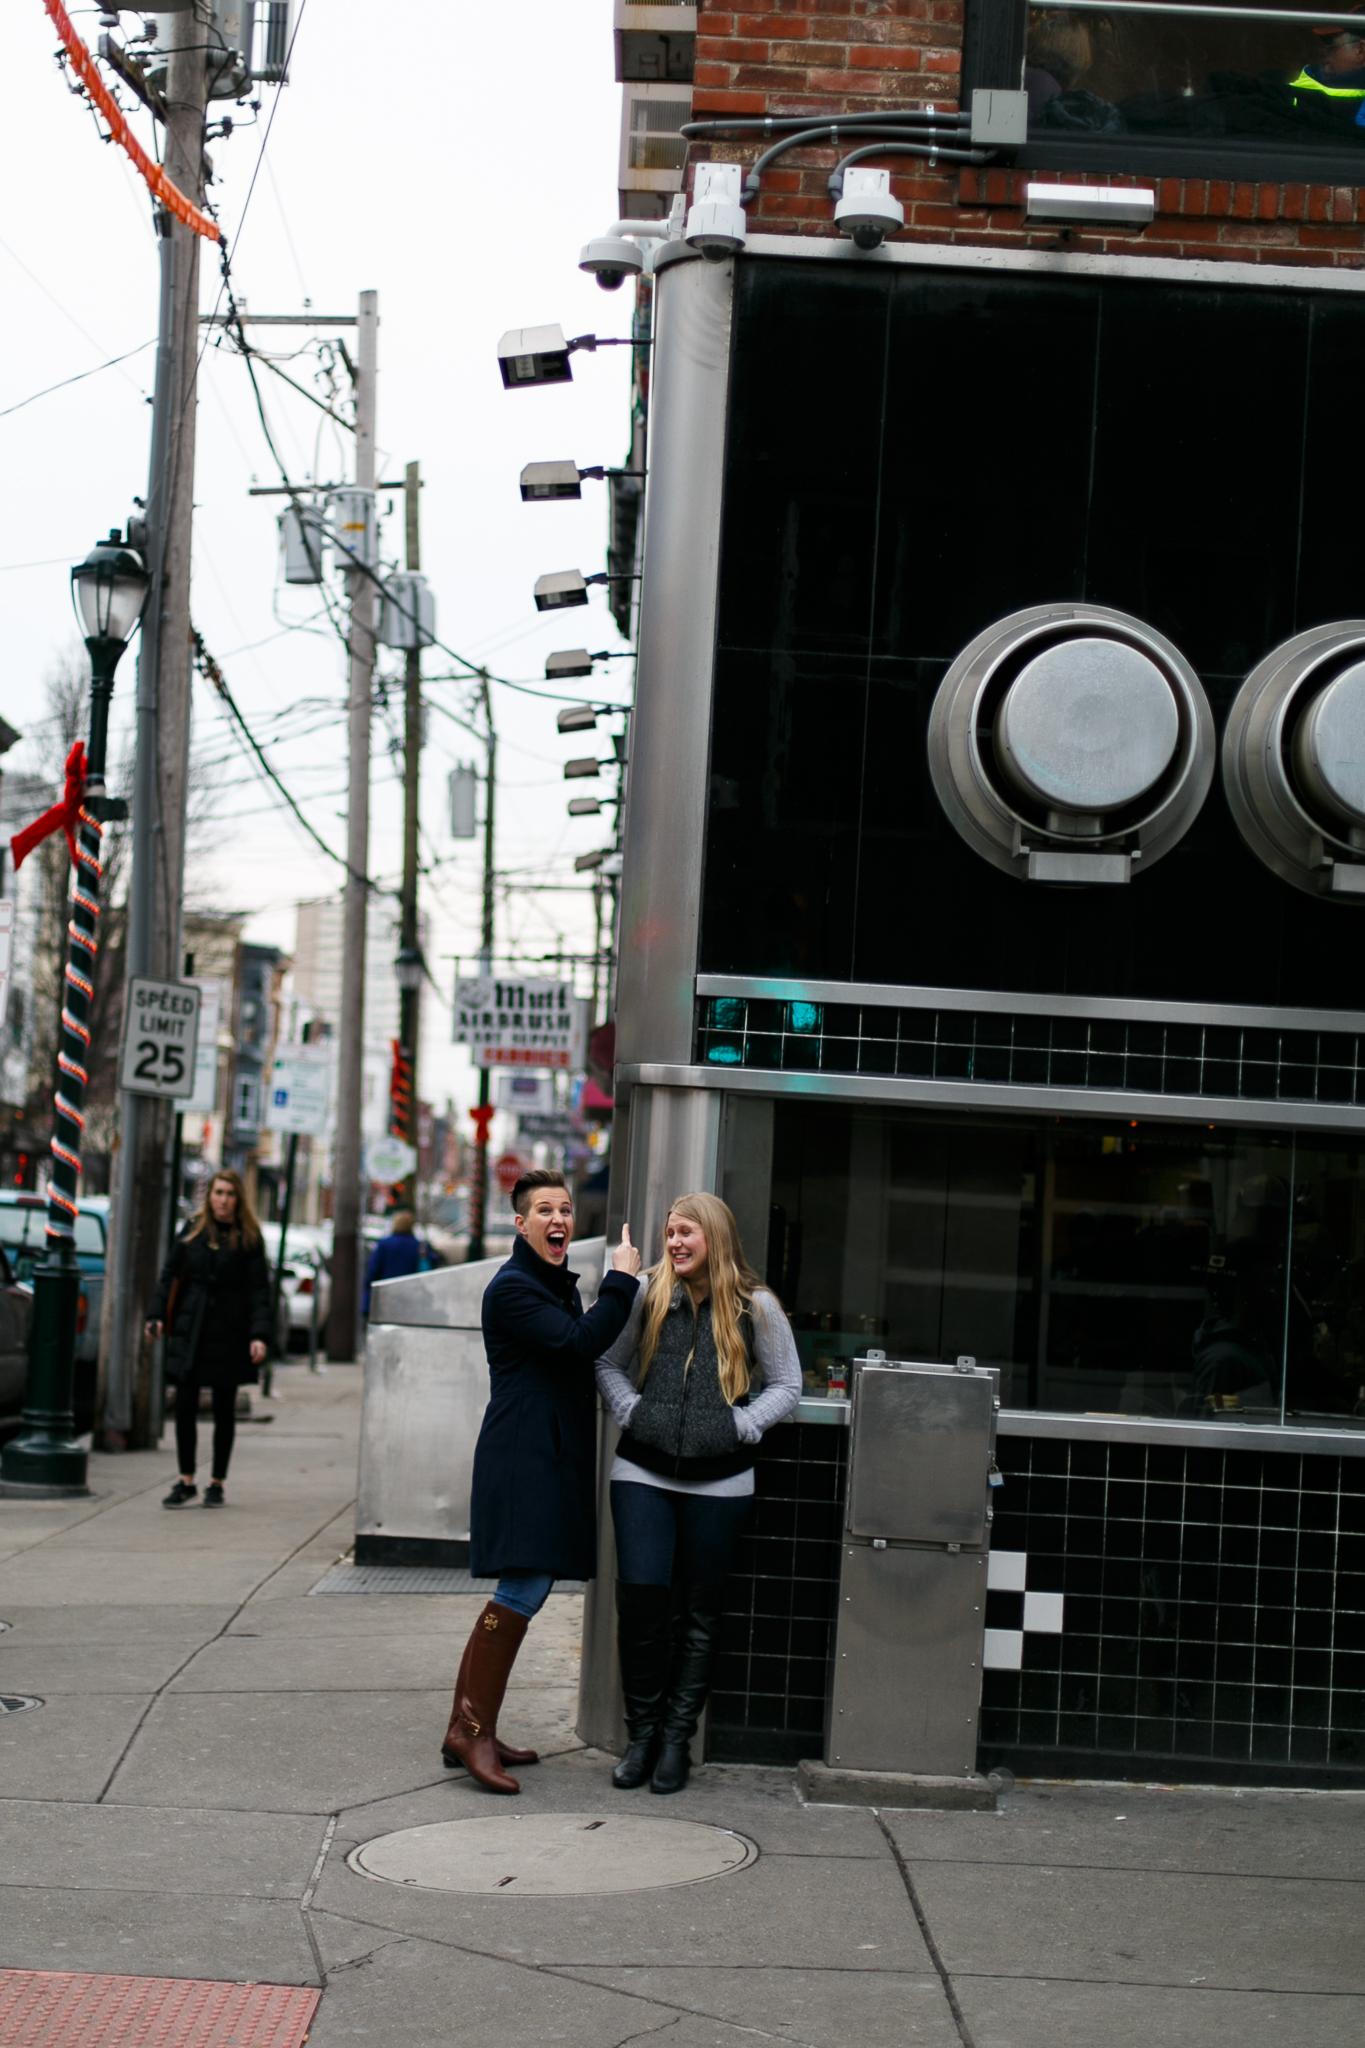 A&E South Street Engagement Shoot-116.jpg